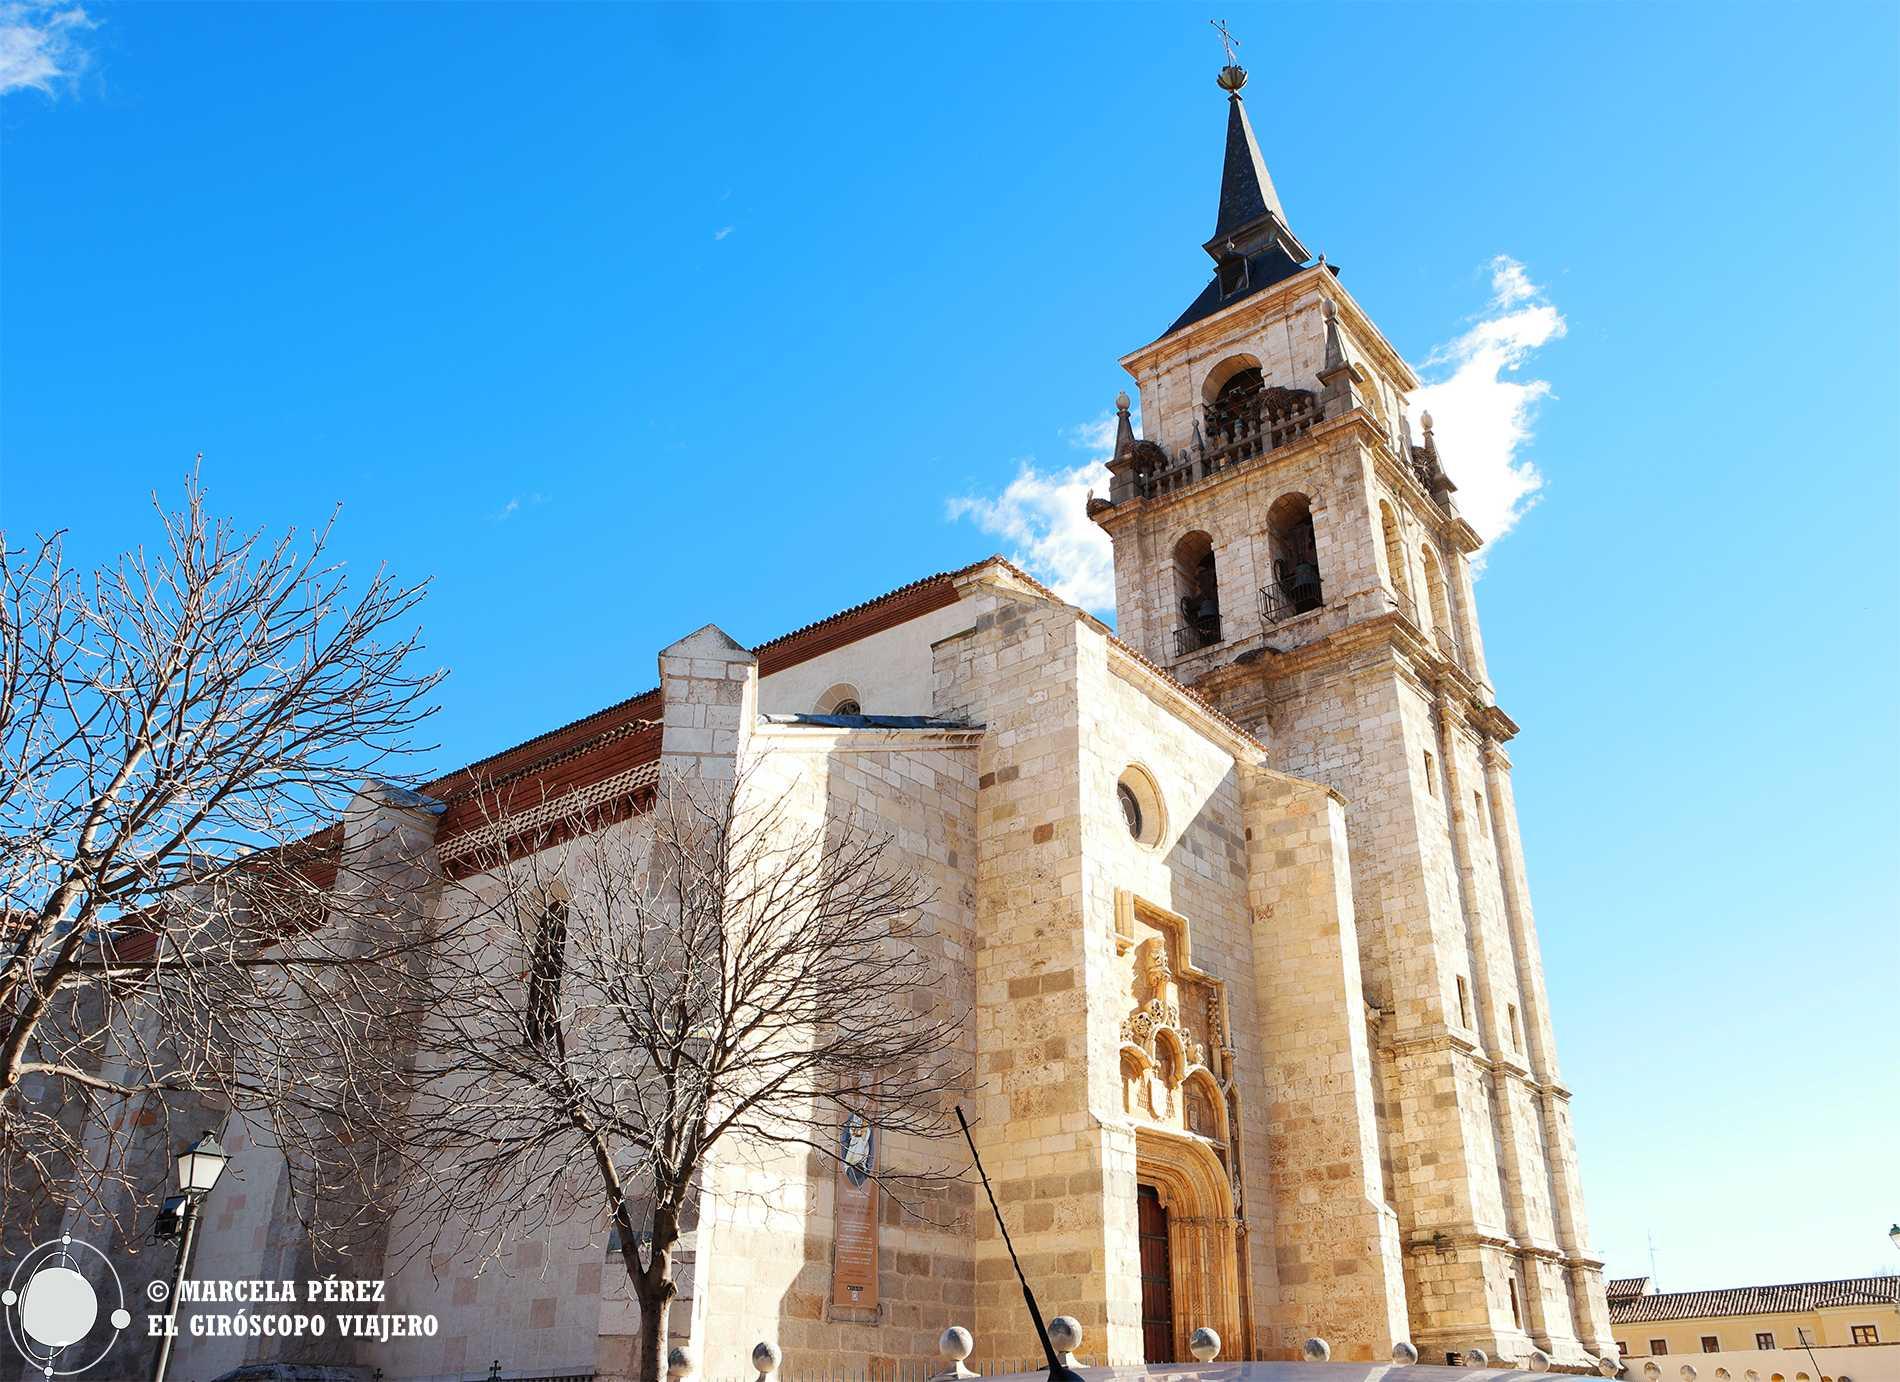 Catedral Magistral de los Santos Niños Justo y Pastor